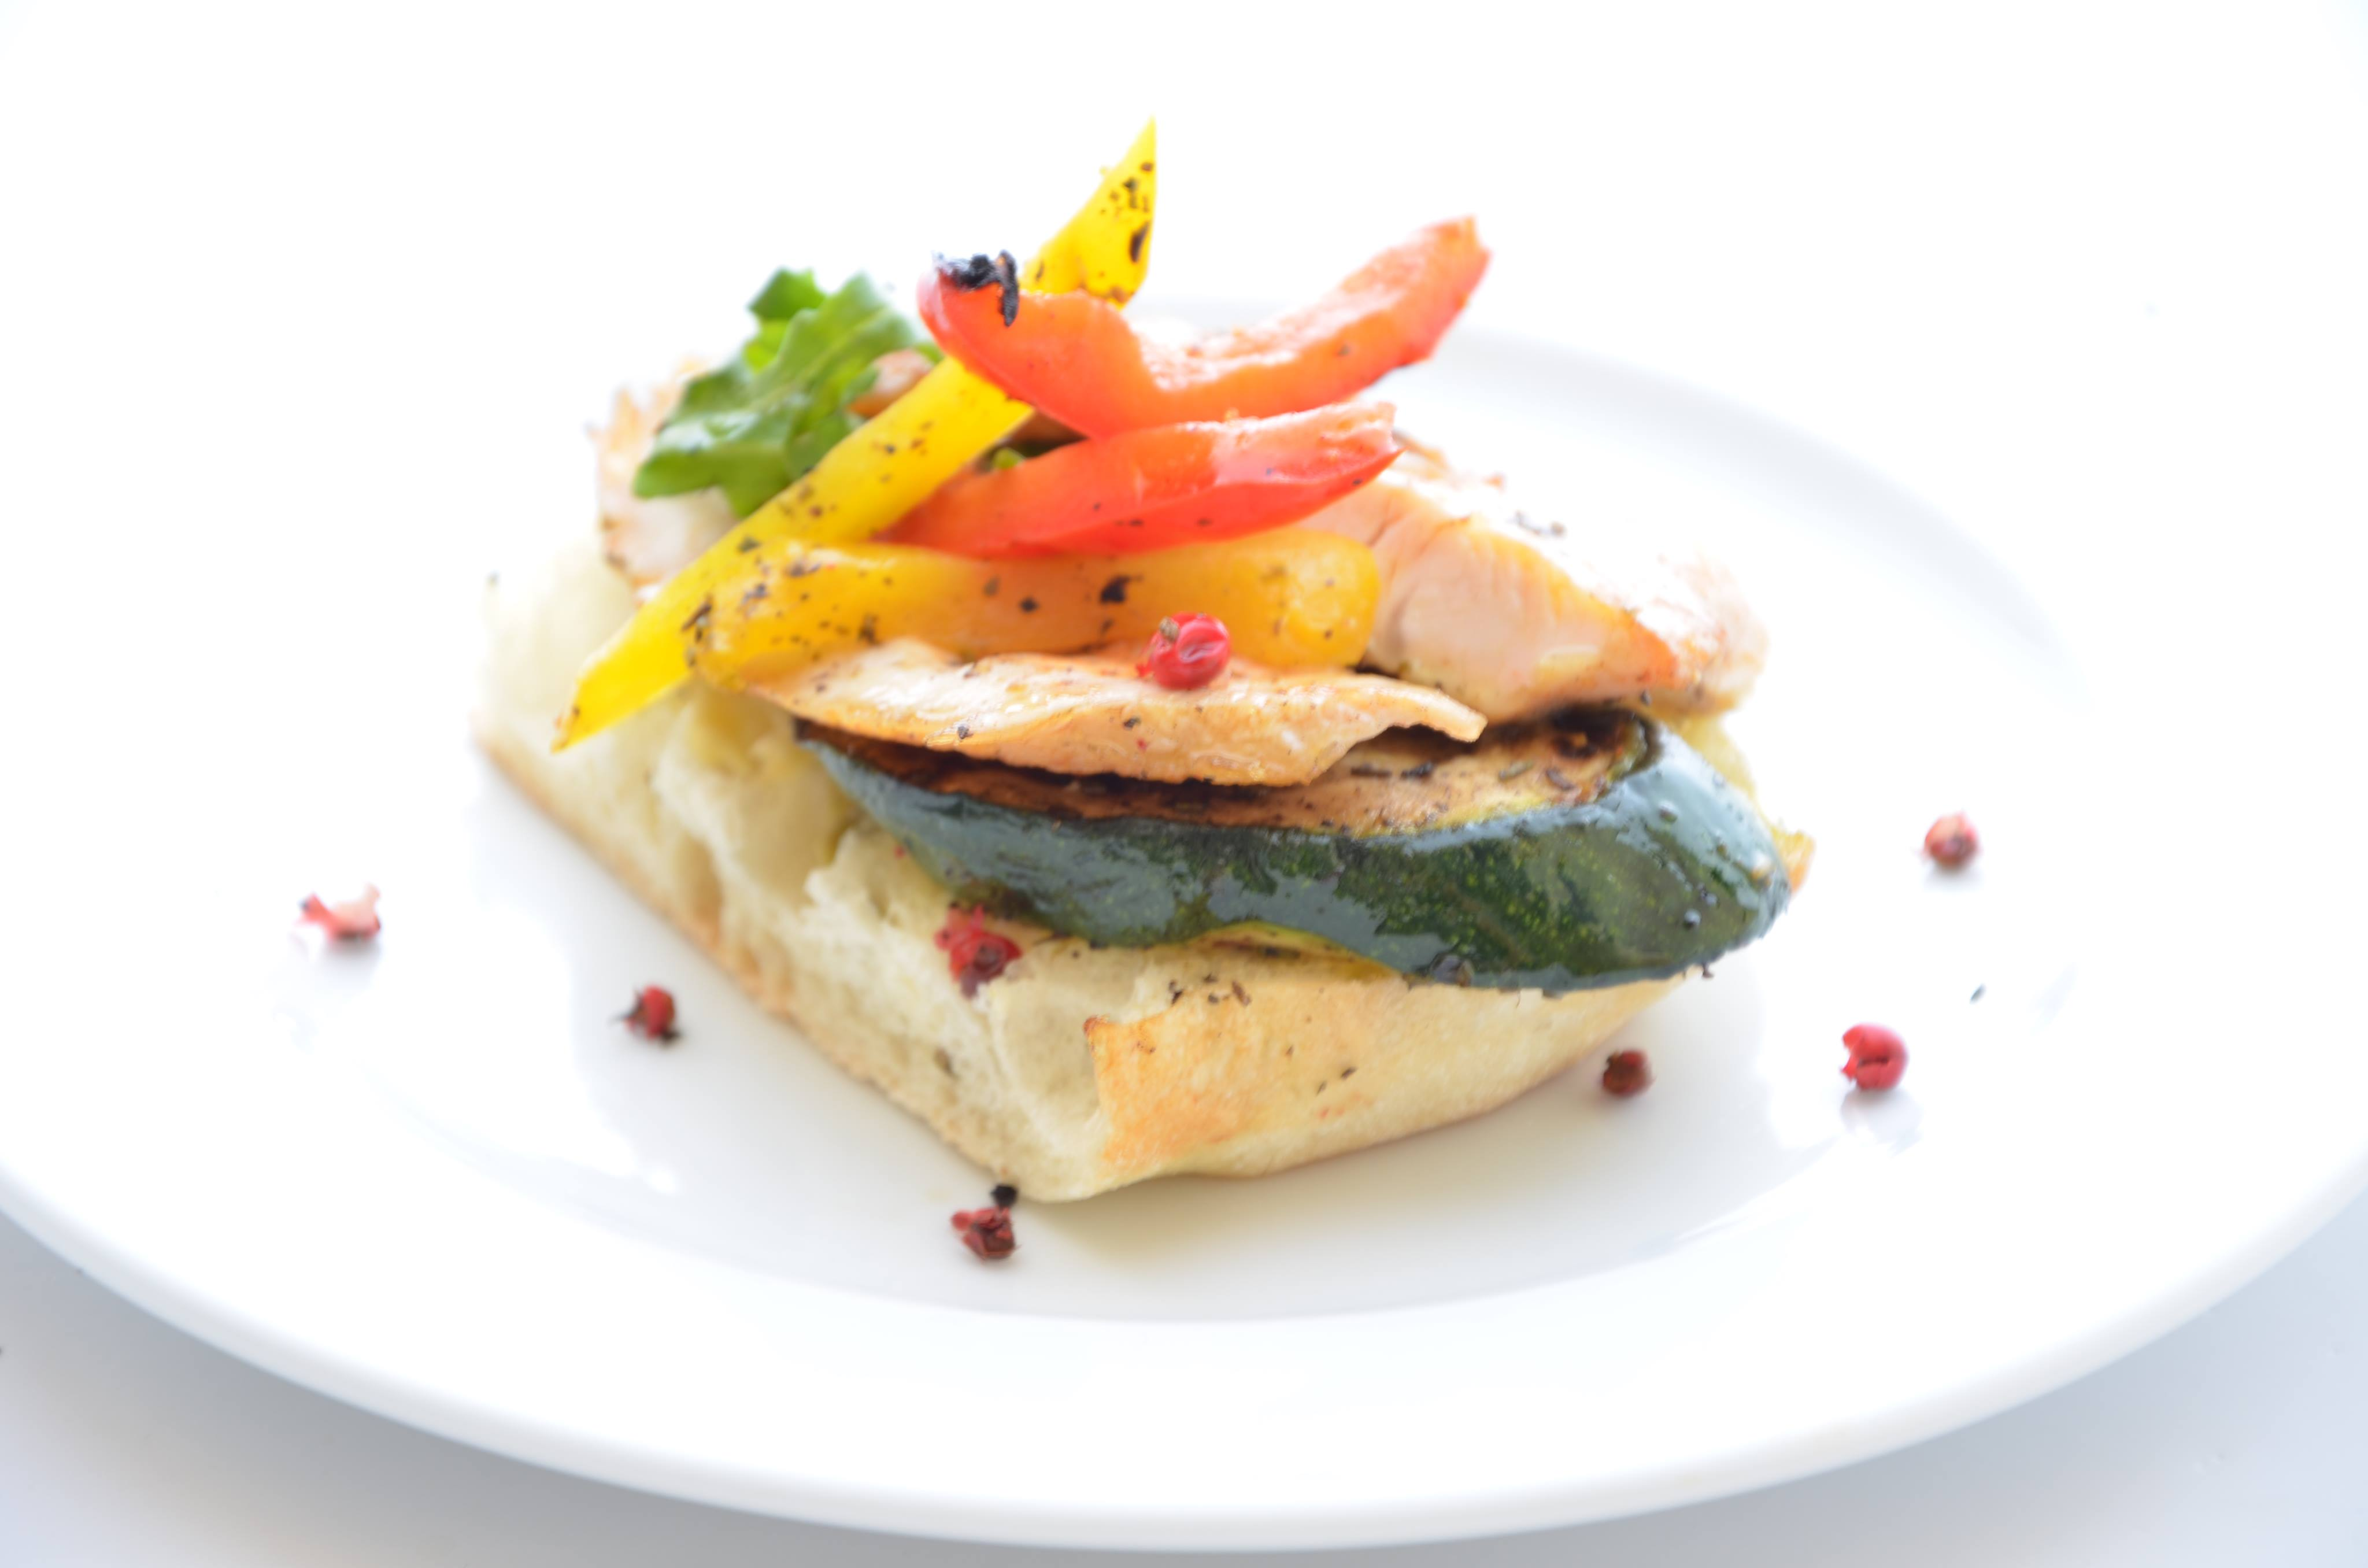 Kanapka z warzywami.